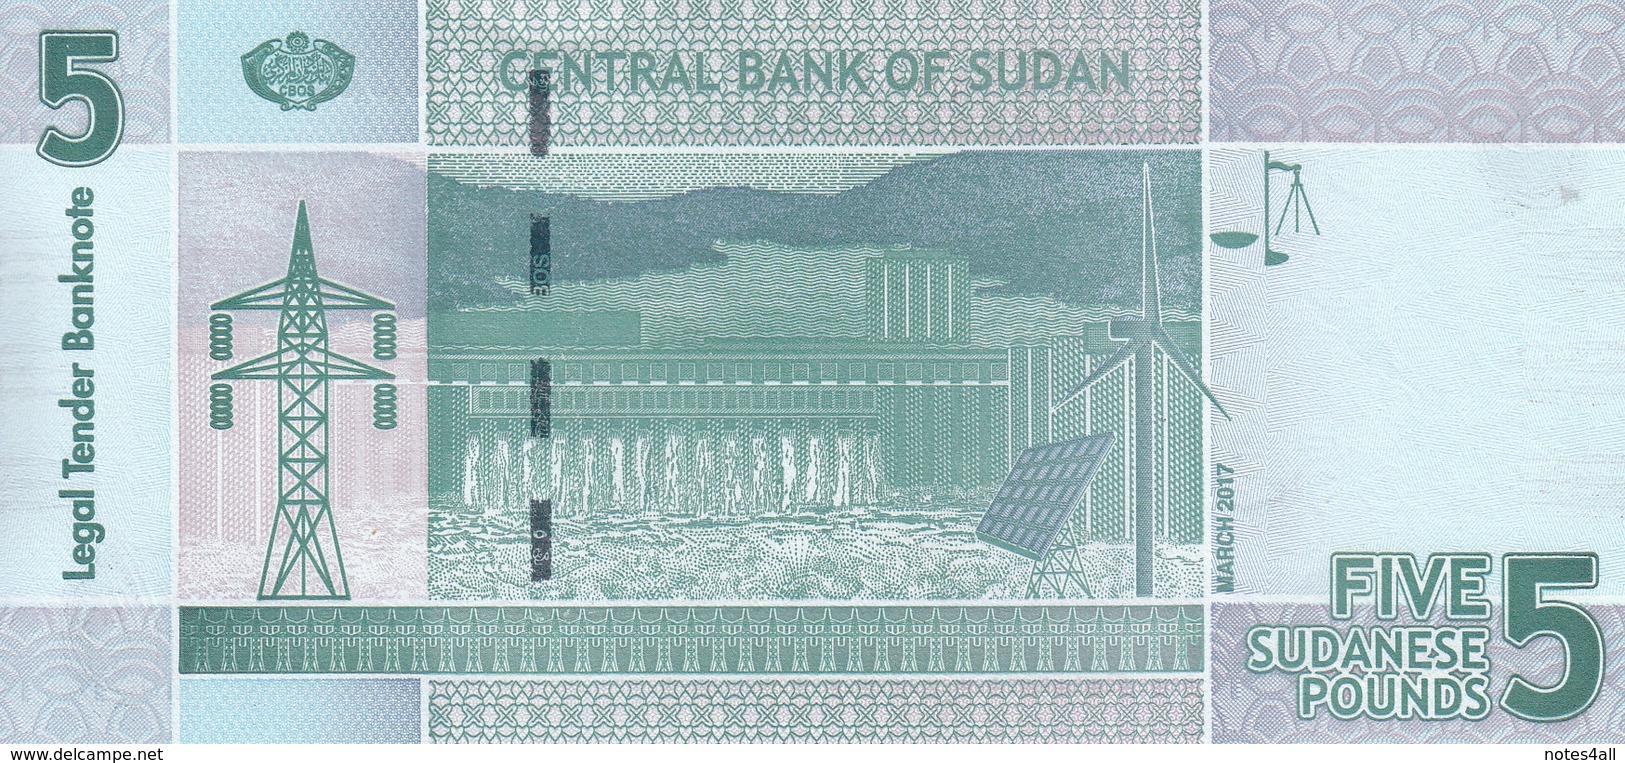 SUDAN 5 POUNDS March 2017 P-72 REPLACEMENT CJ LOT X5 UNC NOTES */* - Soudan